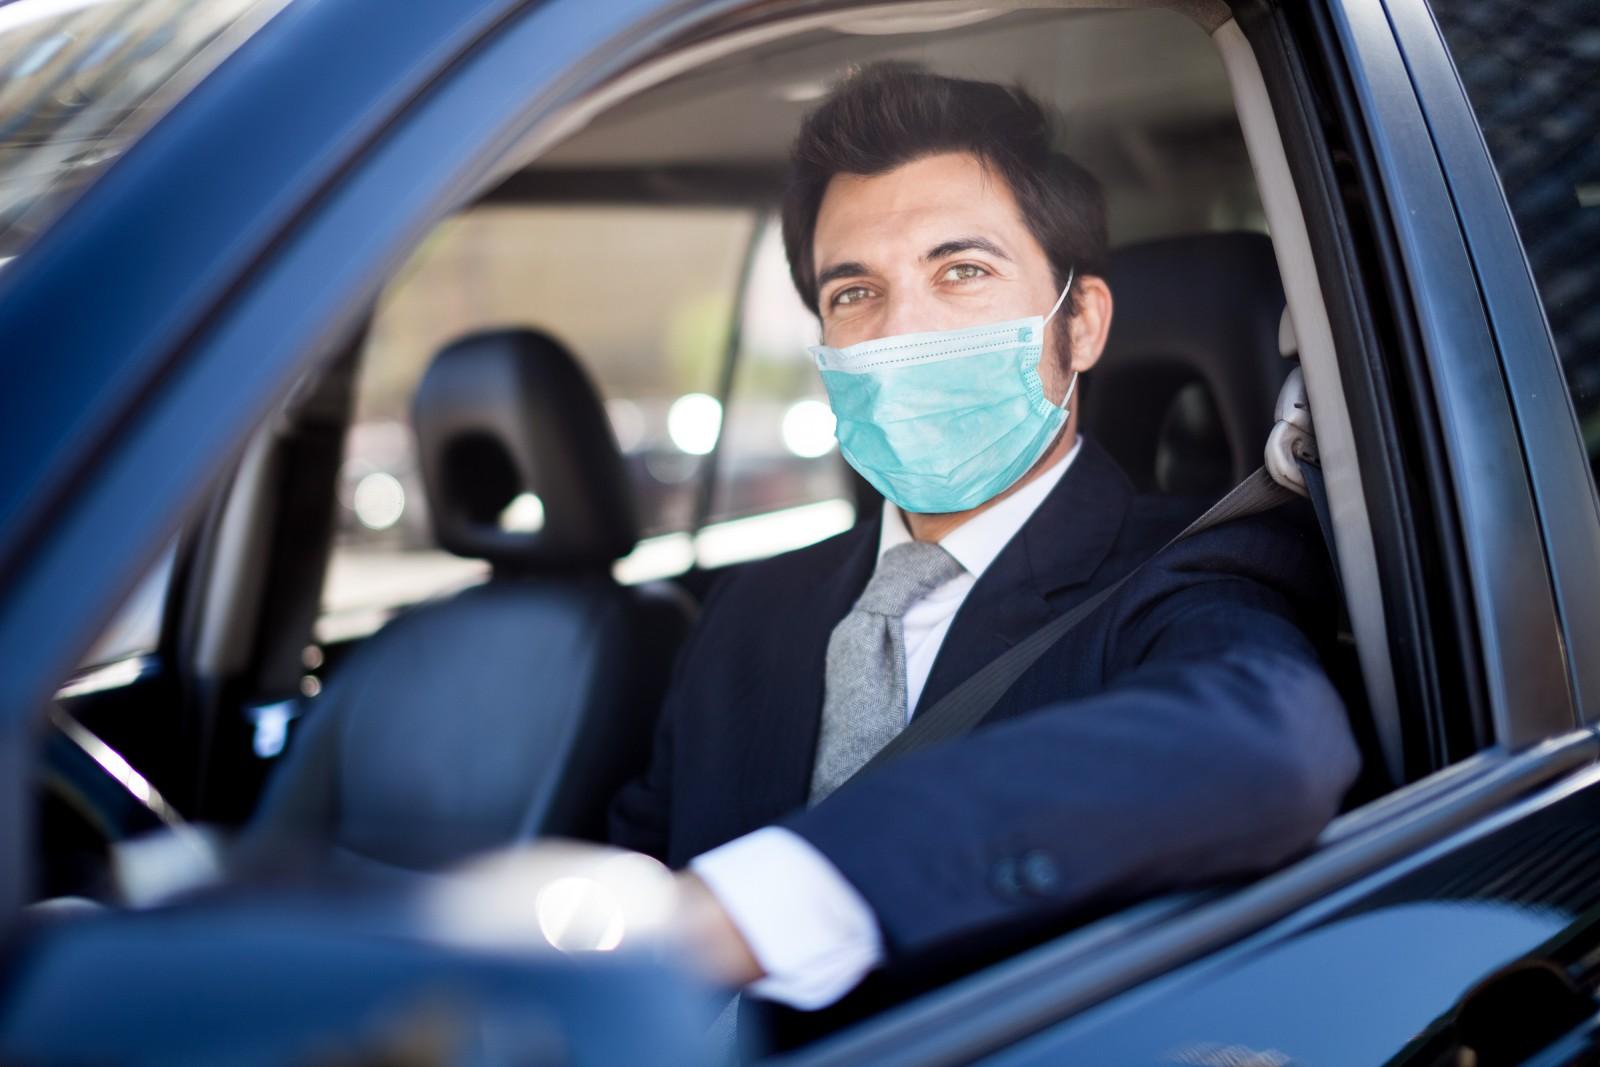 (P) Cum poți proceda pentru a păstra distanța socială în contextul pandemiei de COVID-19 în caz de accident?